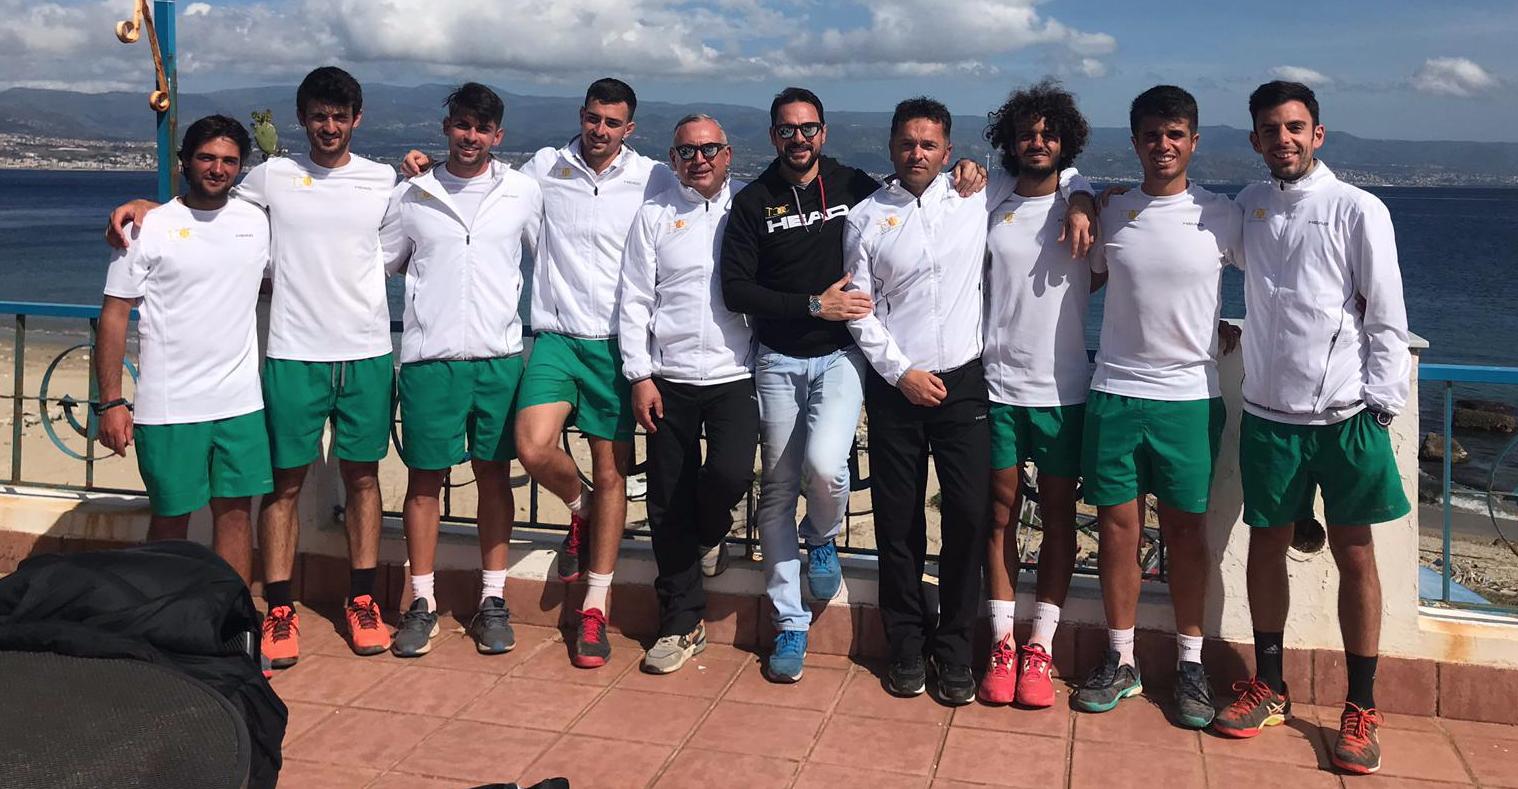 La squadra di Serie C del TCC Villa Amedeo vincente a Messina